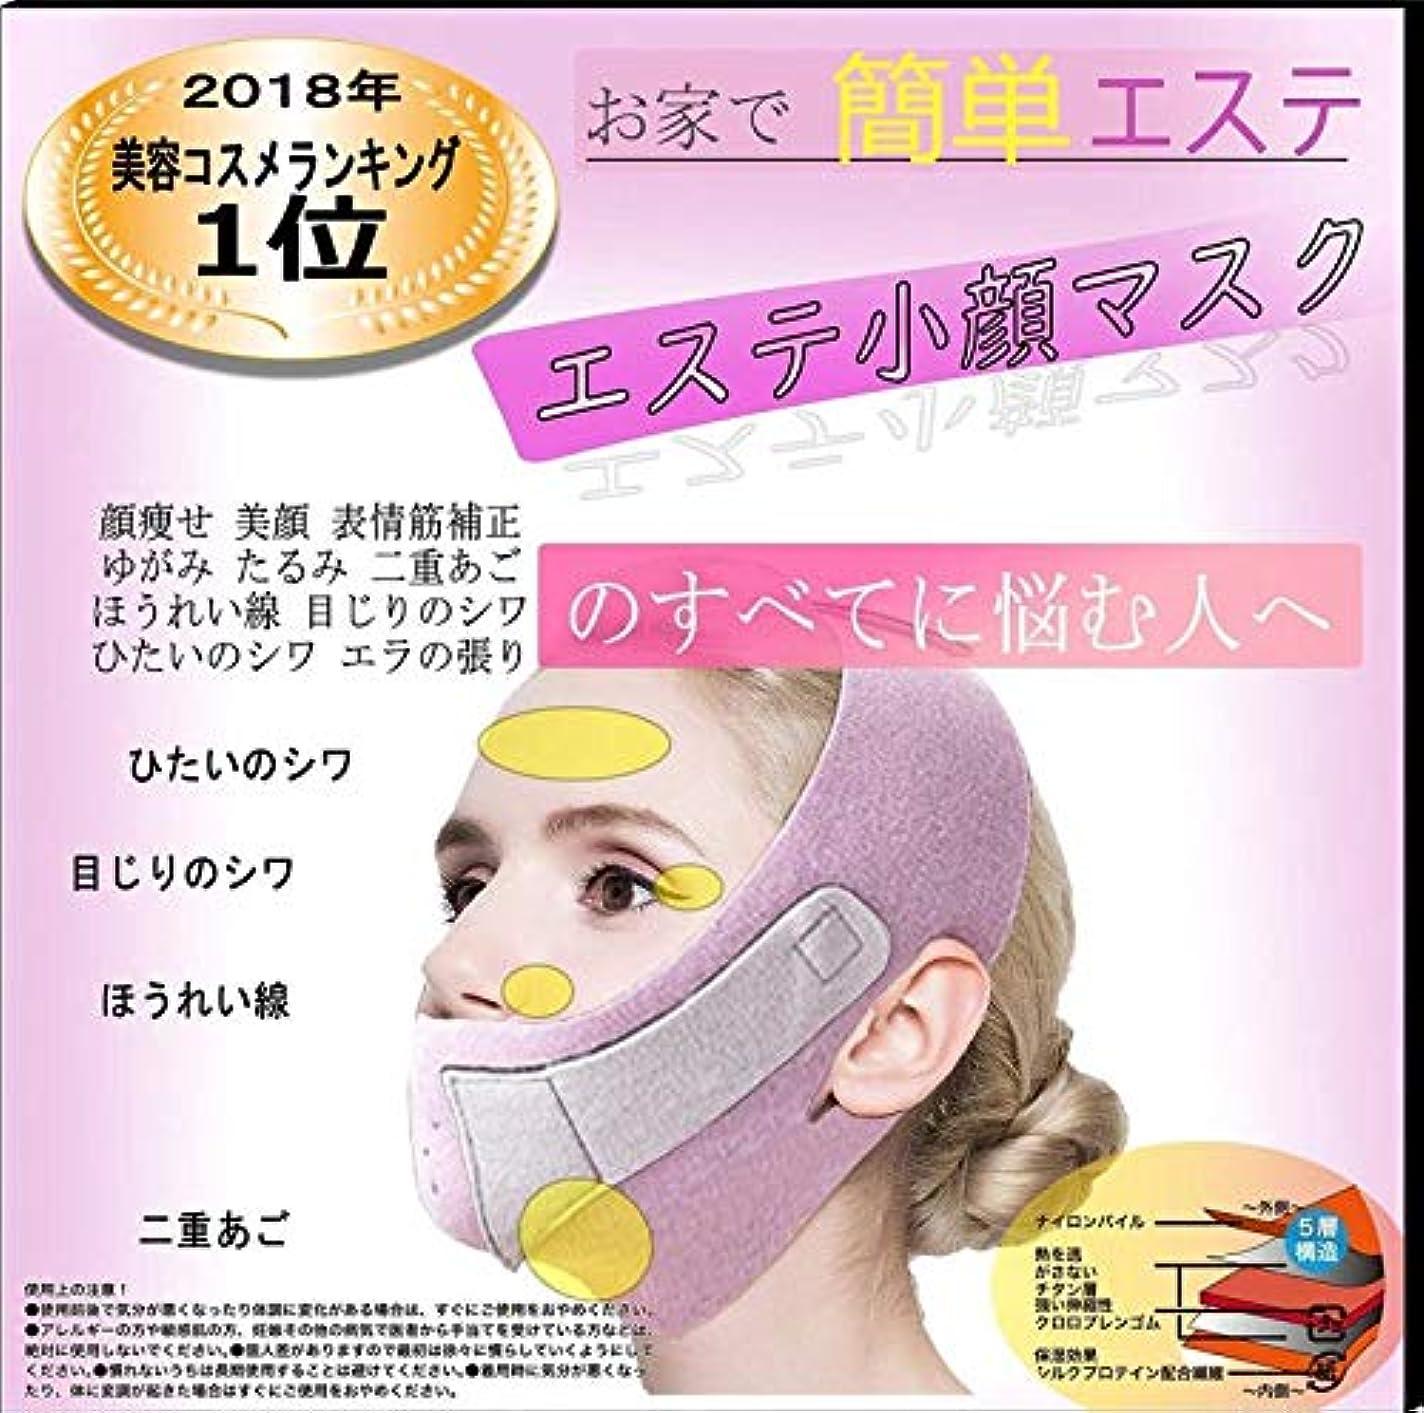 クレジット病んでいる強いますフェイスラインベルト 引き上げマスク 弾力V-ラインマスク 引っ張る 額、顎下、頬リフトアップ 小顔 美顔 矯正 顔痩せ 最新型 小顔マスク 豊齢線予防 頬のたるみ 抗シワ 美顔 Lサイズ ピンク